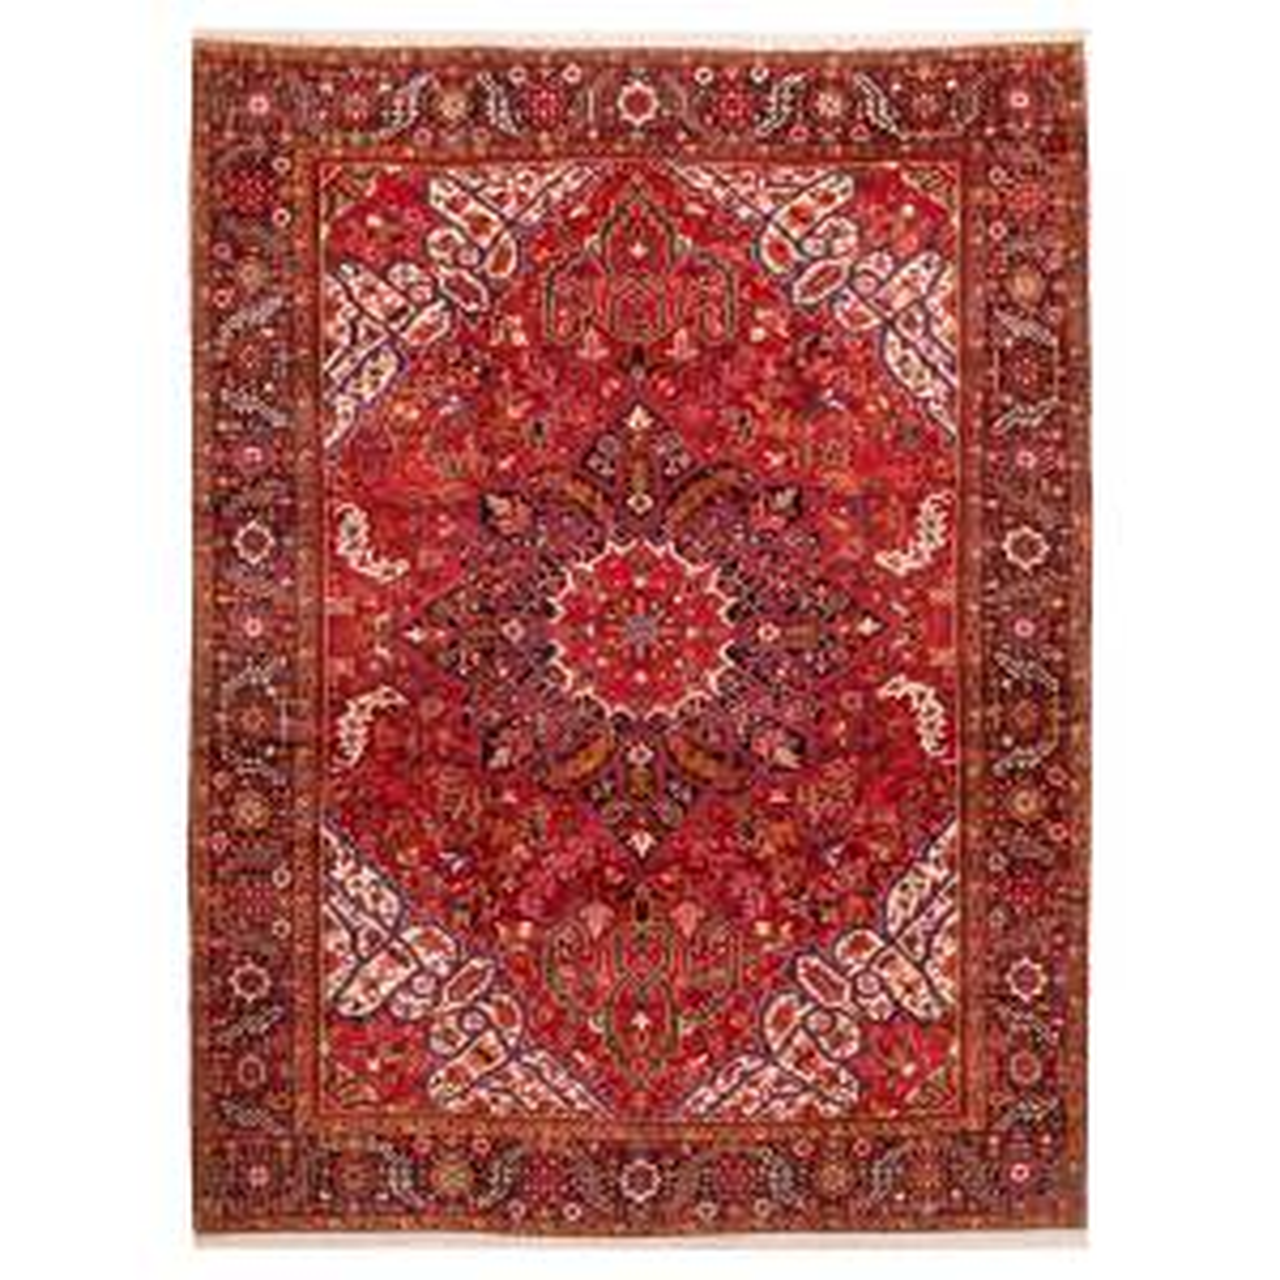 فرش قدیمی دستباف شانزده متری سی پرشیا کد 102406